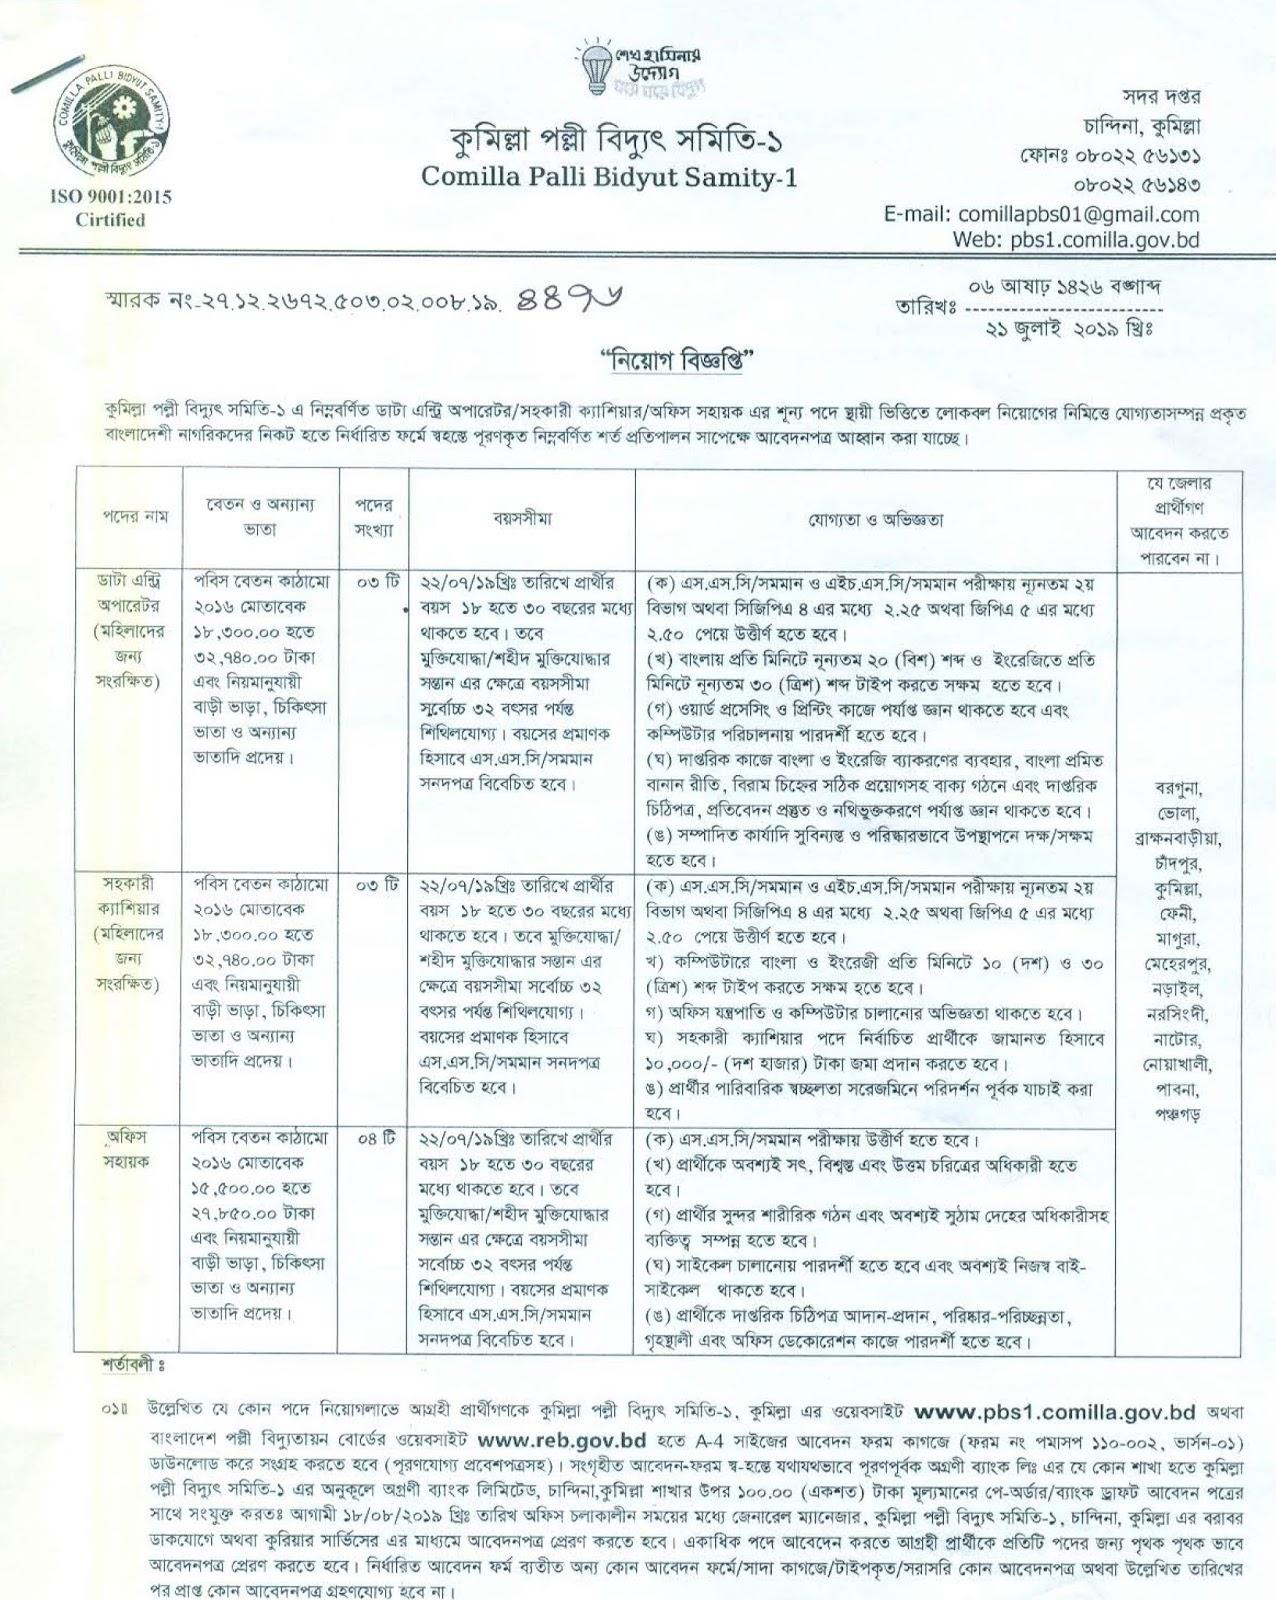 কুমিল্লা পল্লী বিদ্যুৎ সমিতি পিবিএস ২ সার্কুলার